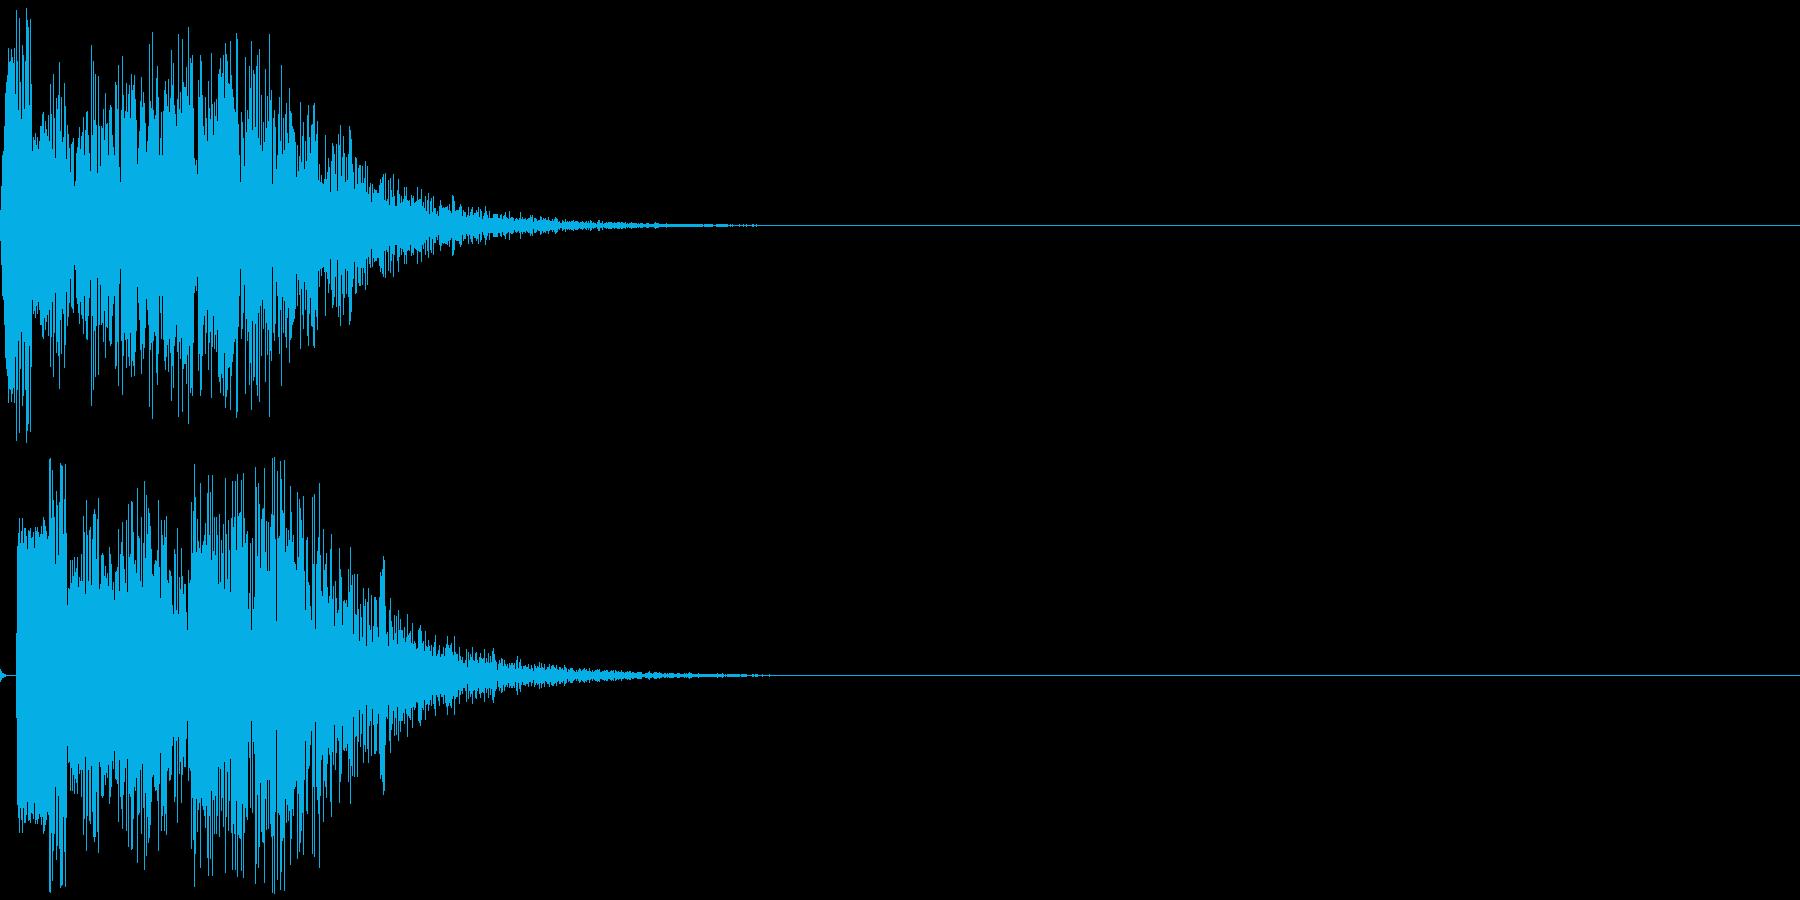 トゥイヨン(電子音)の再生済みの波形